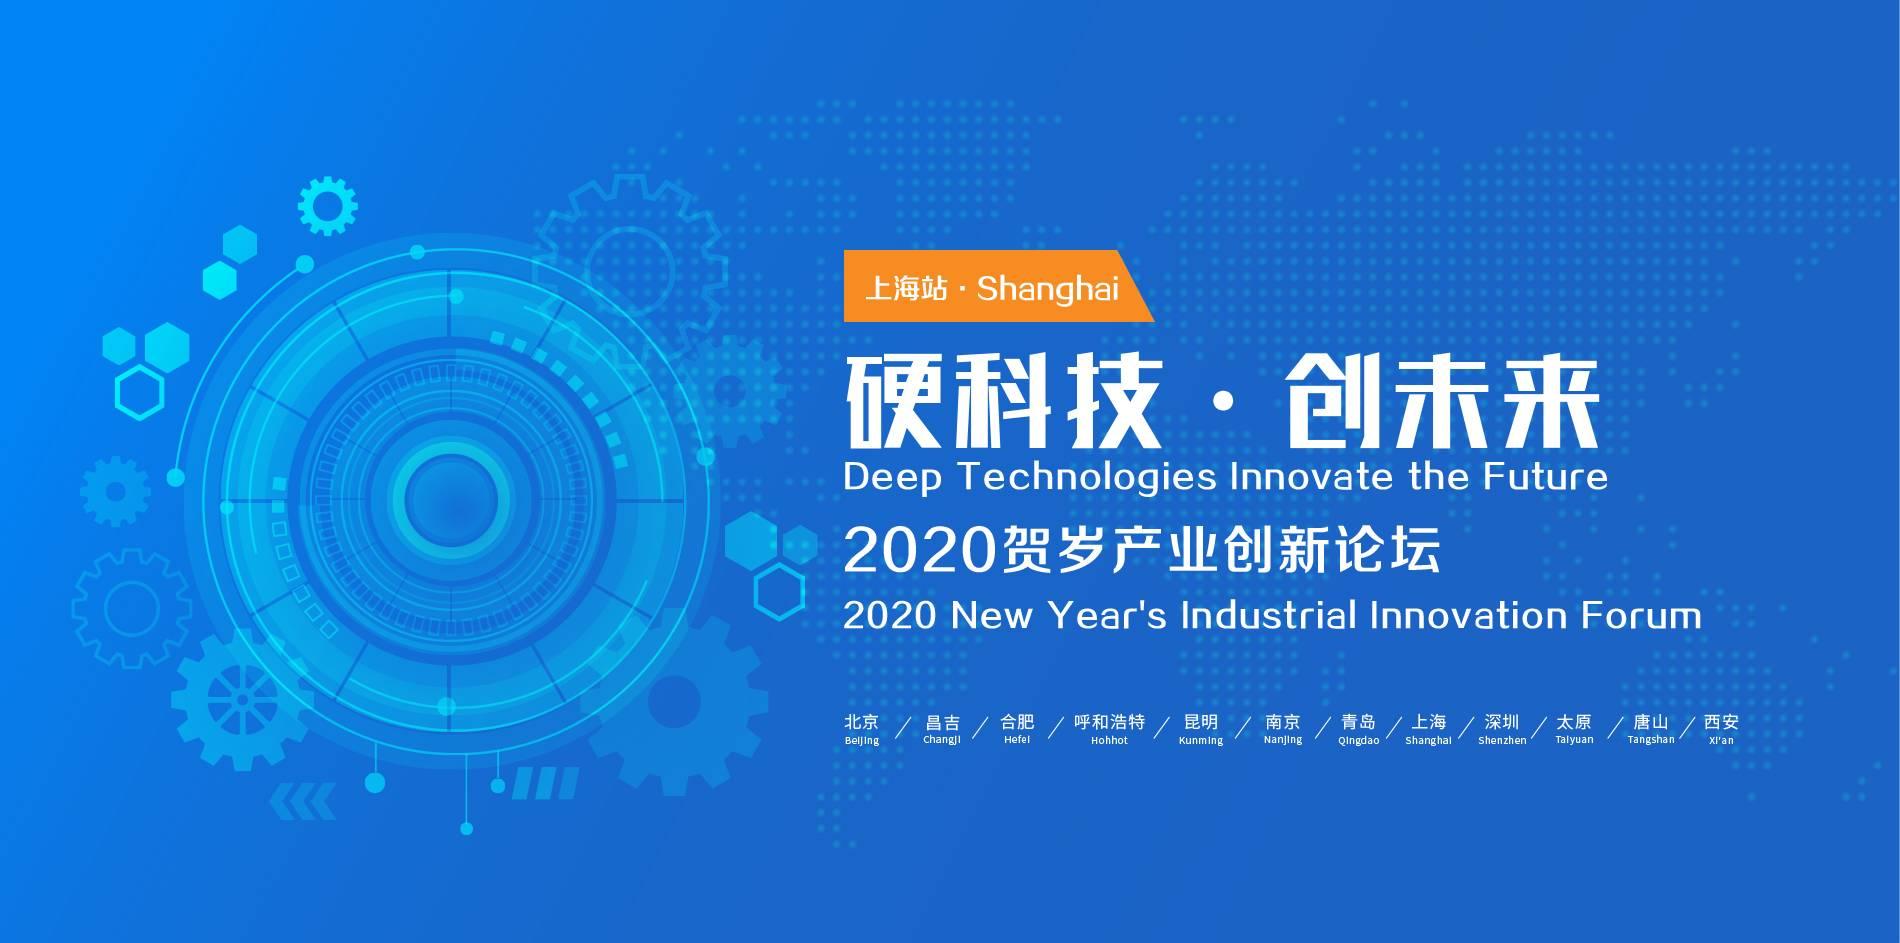 【活动】硬科技·创未来--2020贺岁产业创新论坛·上海站-亿欧